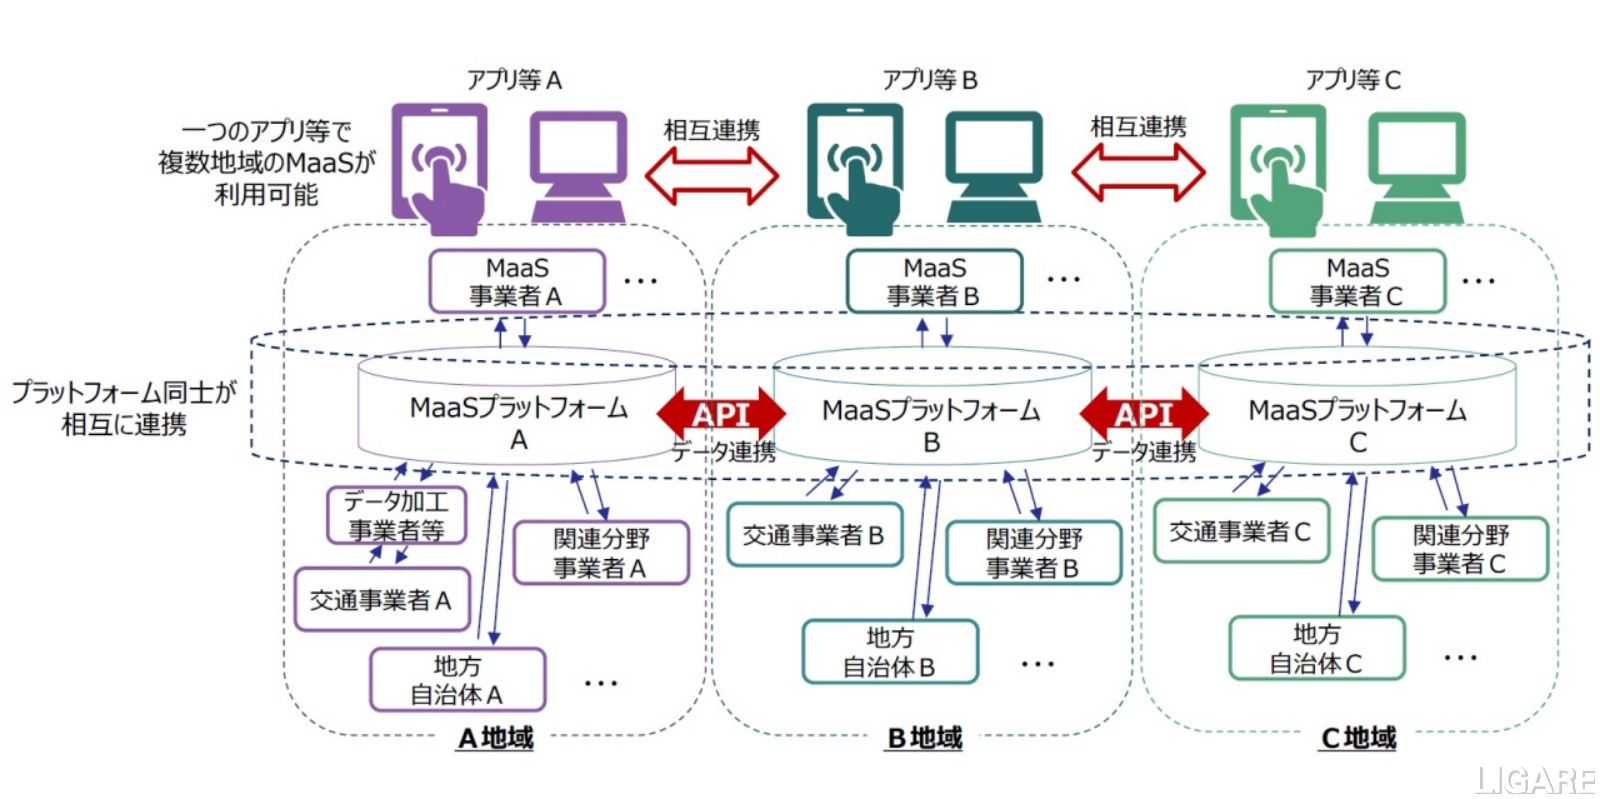 プラットフォームのAPI連携